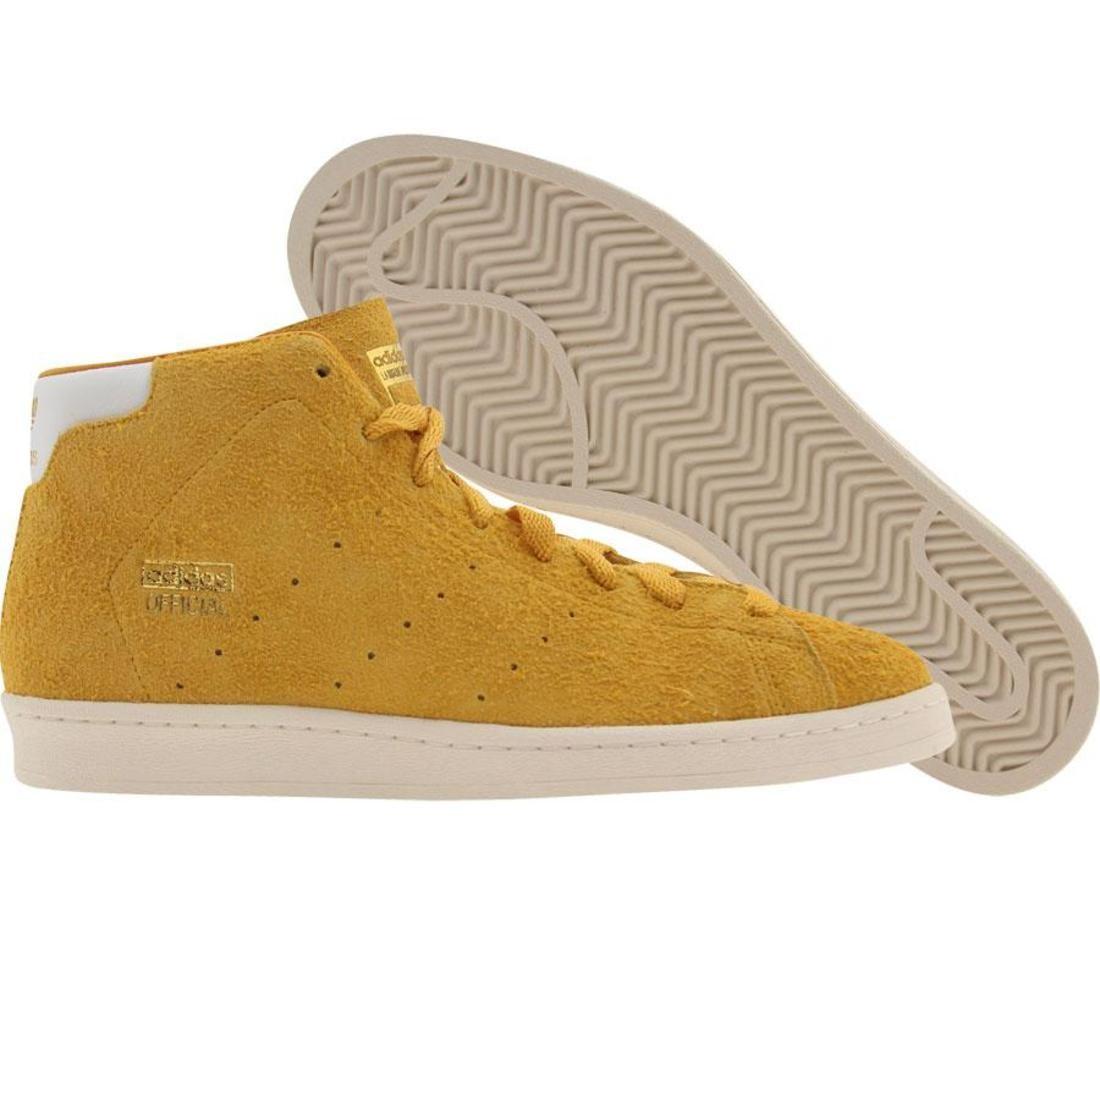 【海外限定】アディダス ミッド スニーカー 靴 【 ADIDAS OBYO OFFICIAL MID 80S DB COLLEGE GOLD RUNNINWHITE 】